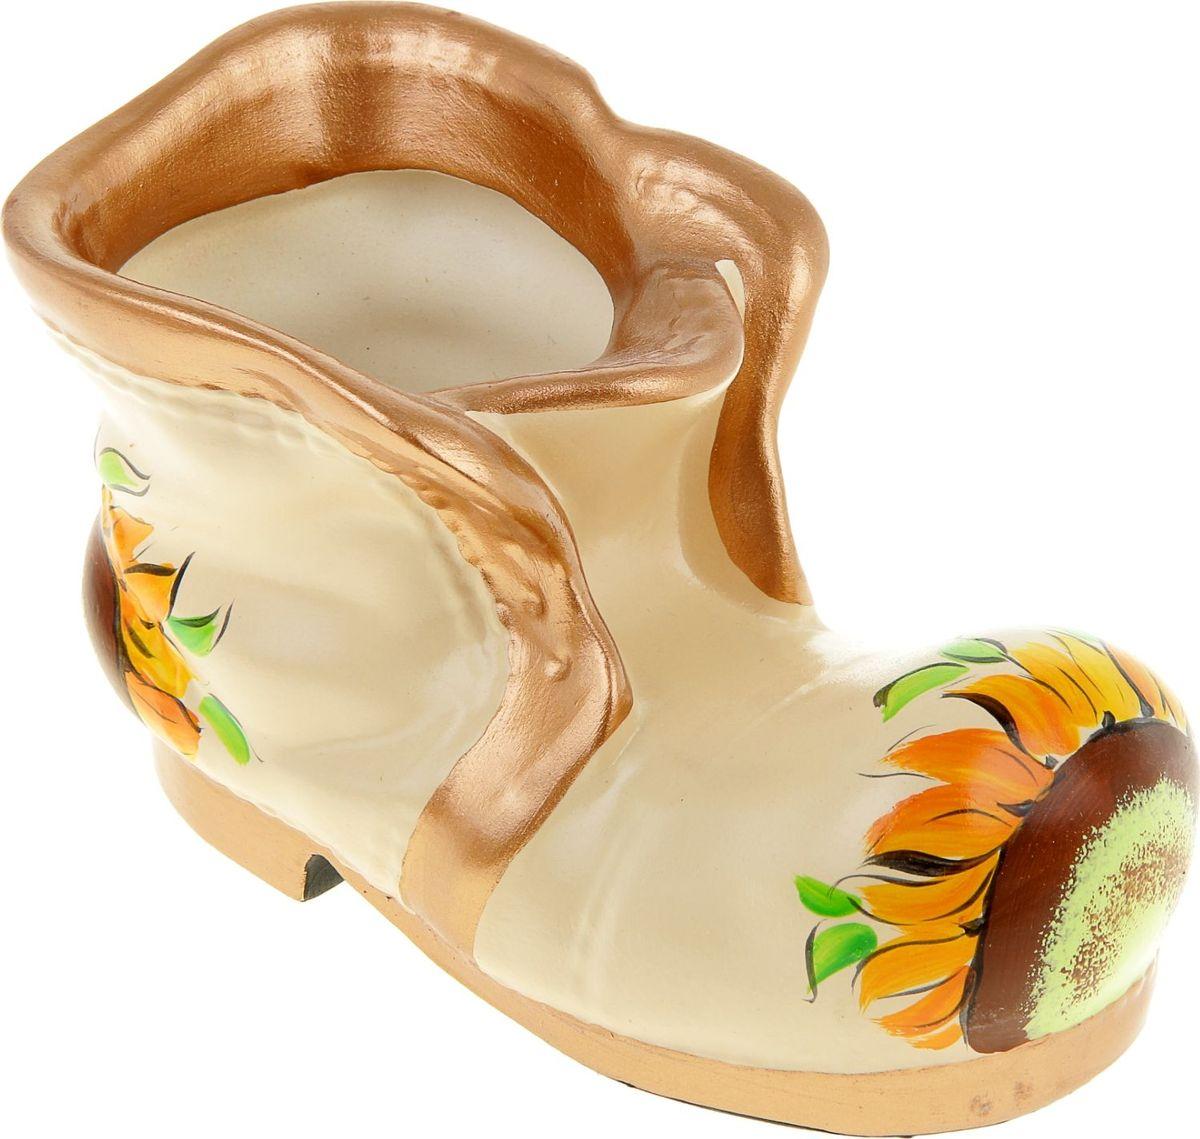 Кашпо Керамика ручной работы Ботинок, 0,3 л835599Комнатные растения — всеобщие любимцы. Они радуют глаз, насыщают помещение кислородом и украшают пространство. Каждому из них необходим свой удобный и красивый дом. Кашпо из керамики прекрасно подходят для высадки растений: за счёт пластичности глины и разных способов обработки существует великое множество форм и дизайновпористый материал позволяет испаряться лишней влагевоздух, необходимый для дыхания корней, проникает сквозь керамические стенки! #name# позаботится о зелёном питомце, освежит интерьер и подчеркнёт его стиль.